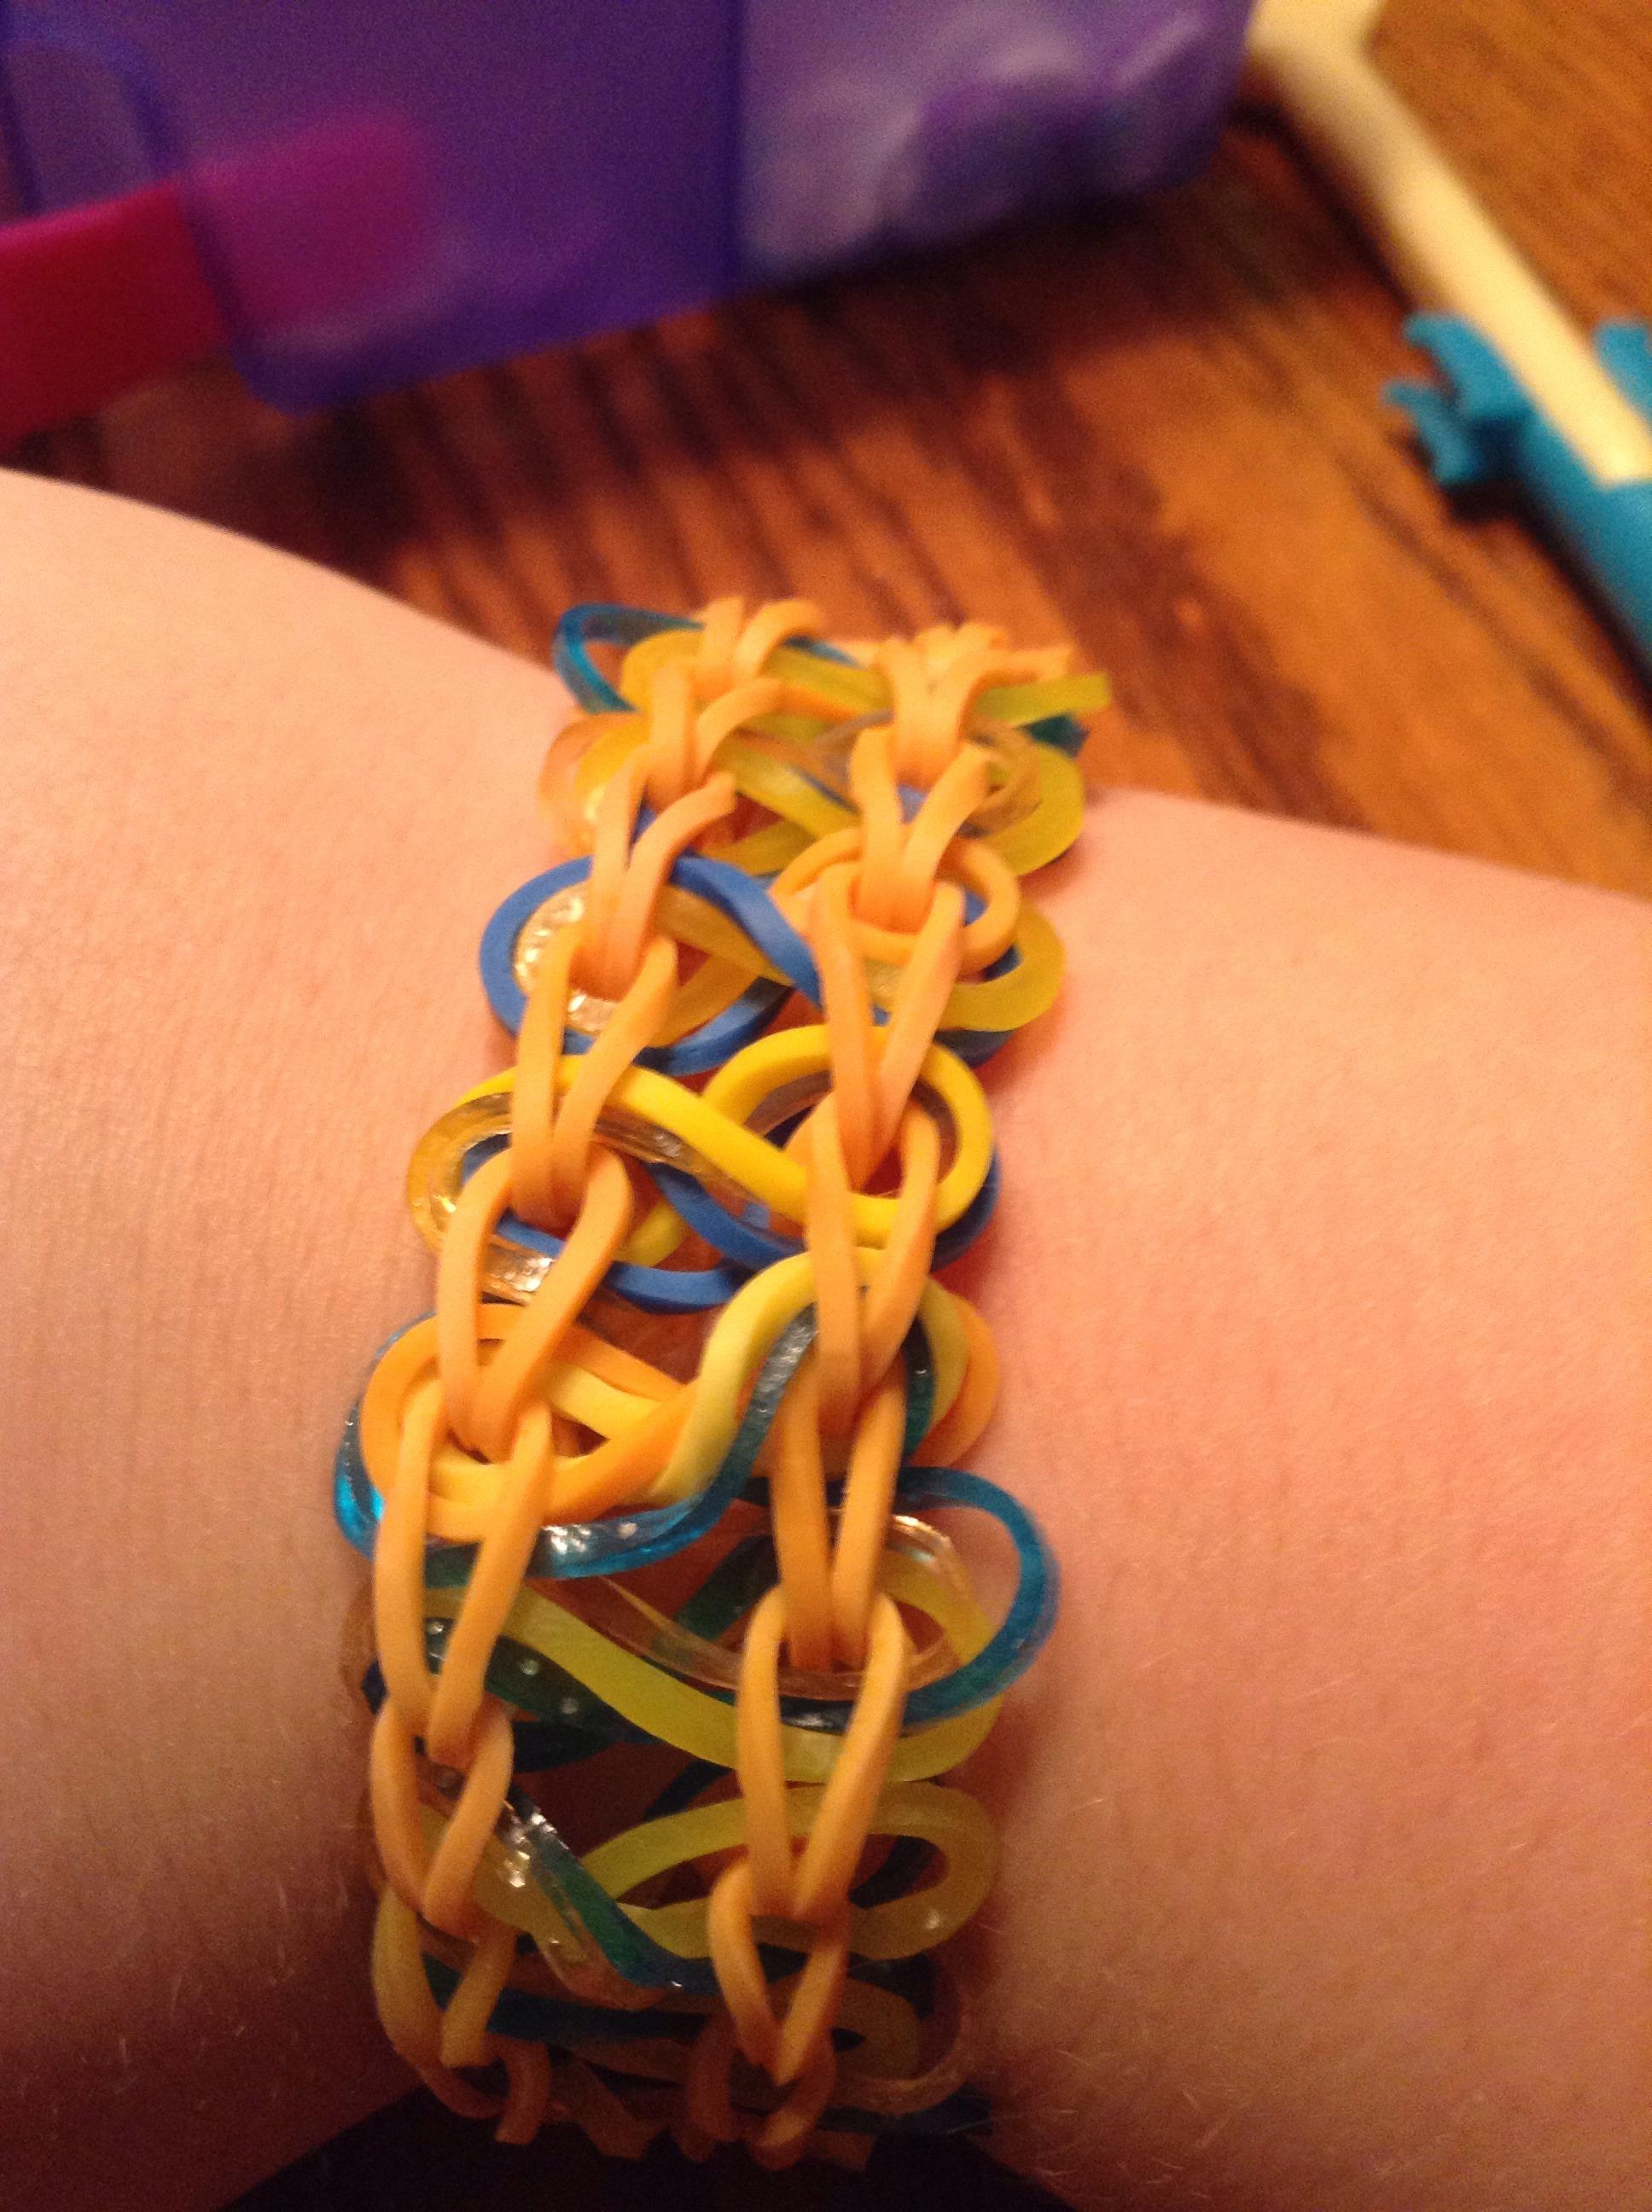 Taffy Twist Rainbow Loom Braclet